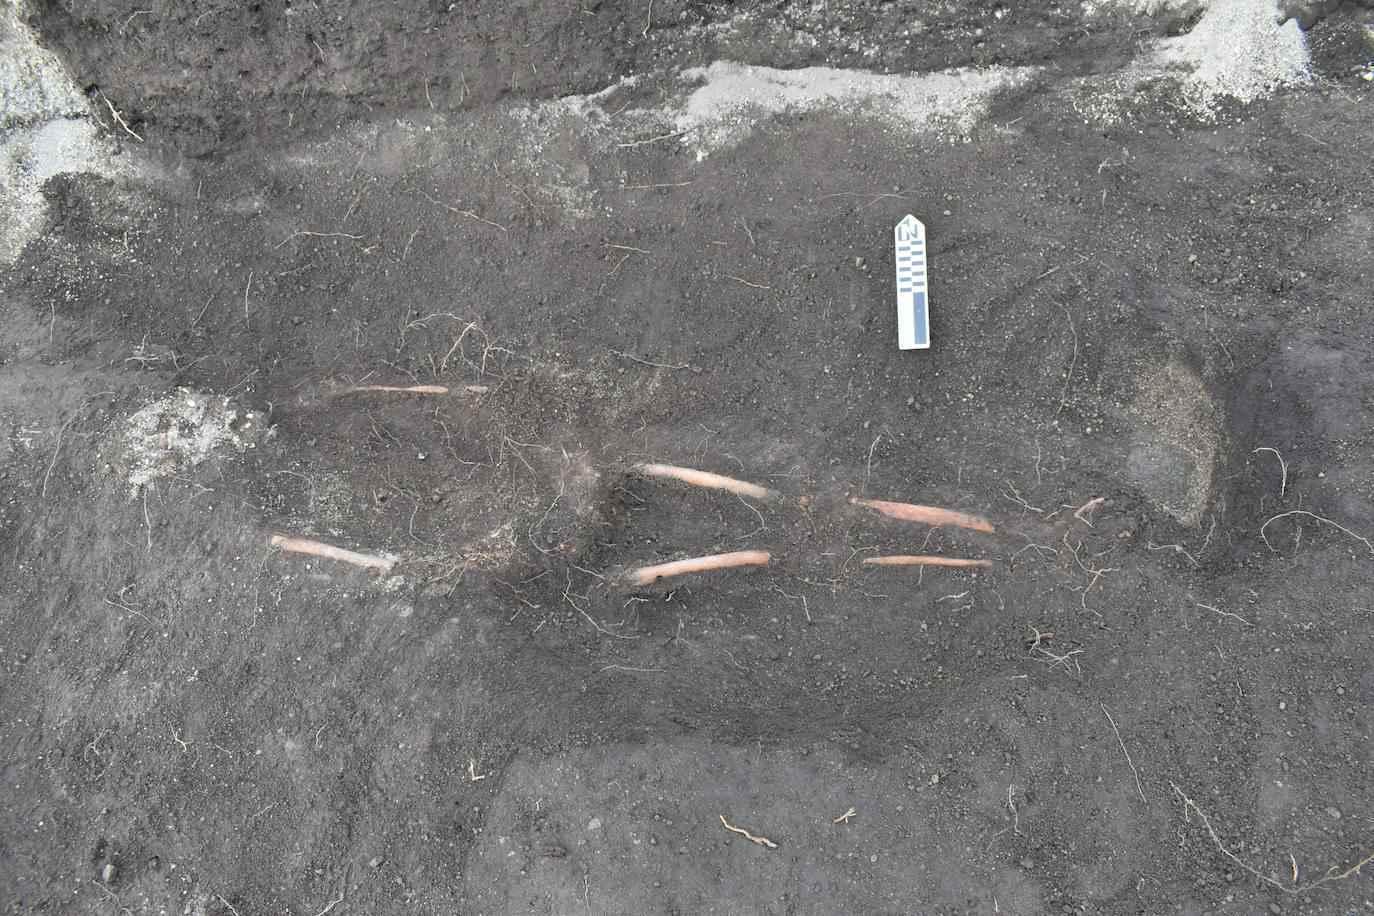 Những phần còn lại, có niên đại 2,900 thế kỷ, được tìm thấy ở Mulaló, một trong mười giáo xứ nông thôn của bang Latacunga, trên độ cao XNUMX mét (Dự án Khảo cổ học EFE / Byron Ortiz / Mulaló - Salatilín).